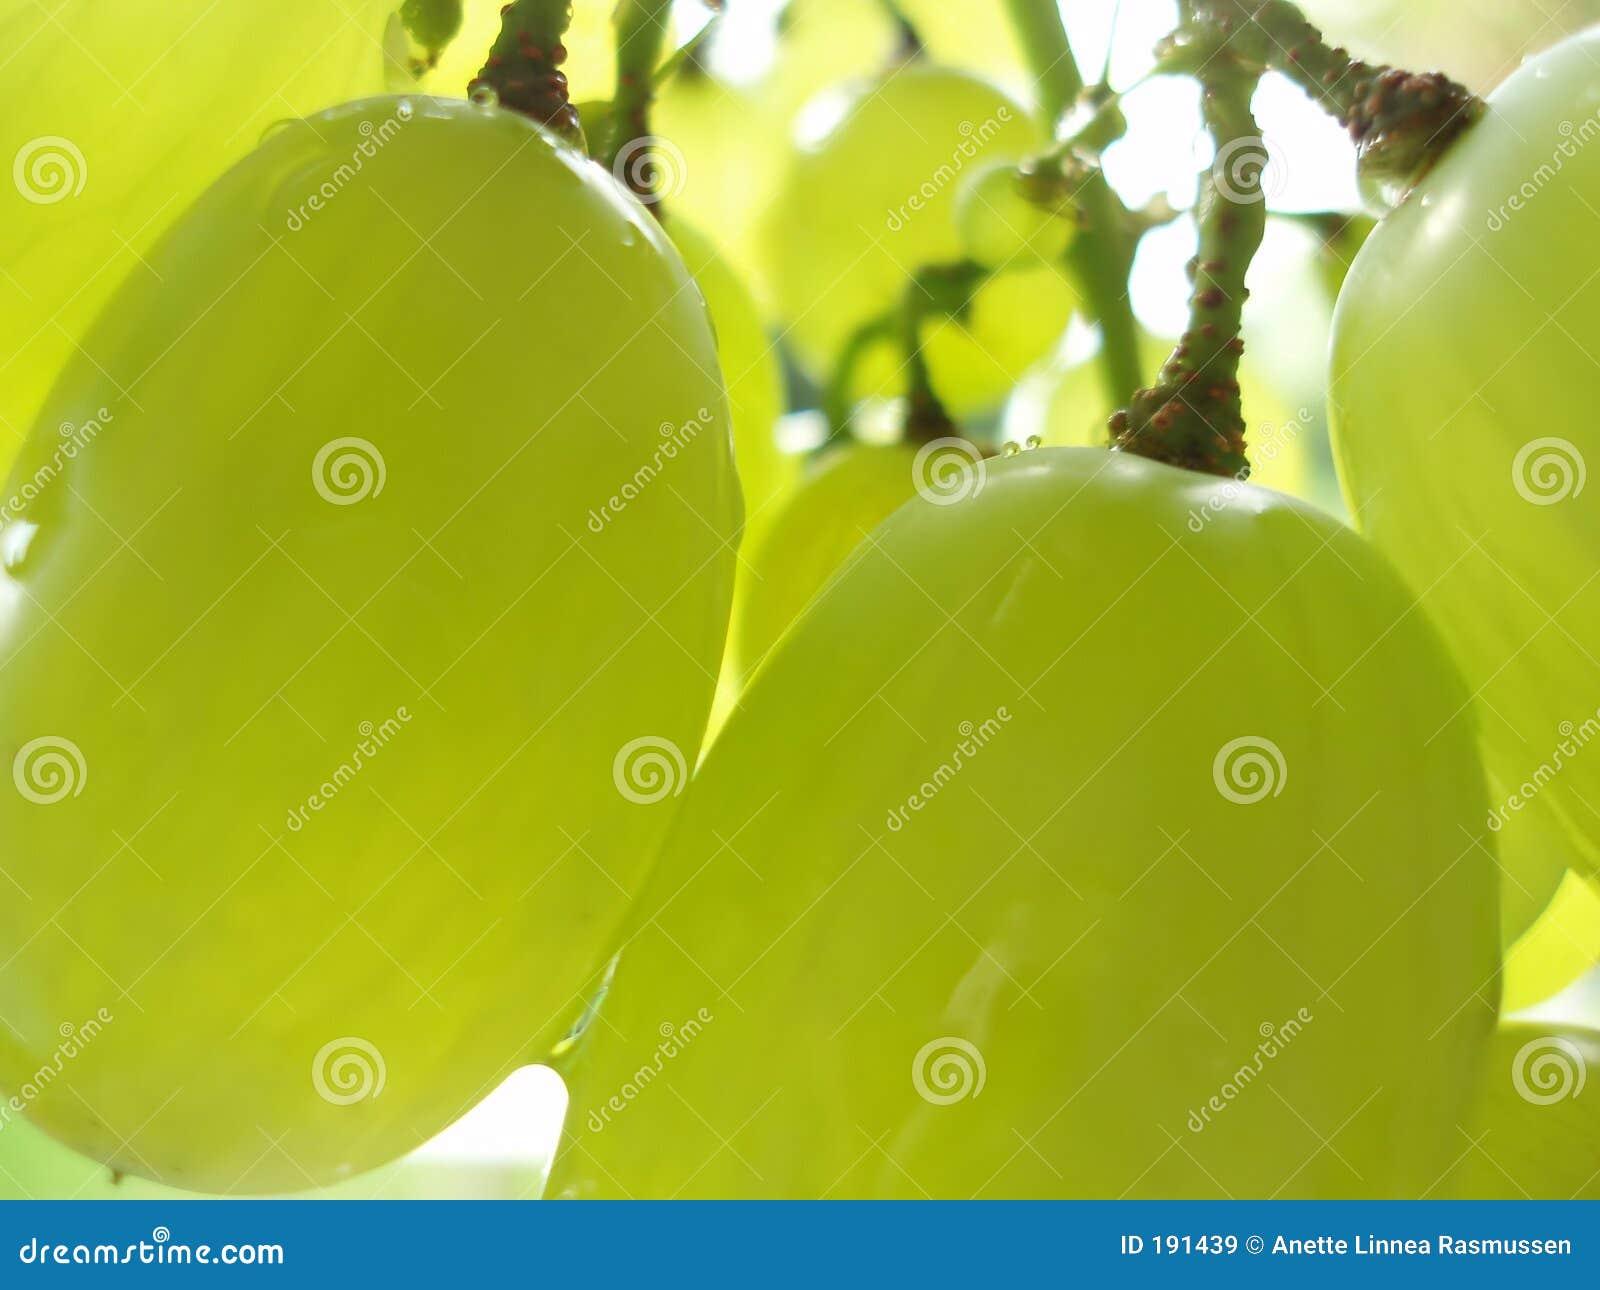 Grupo de uvas verdes